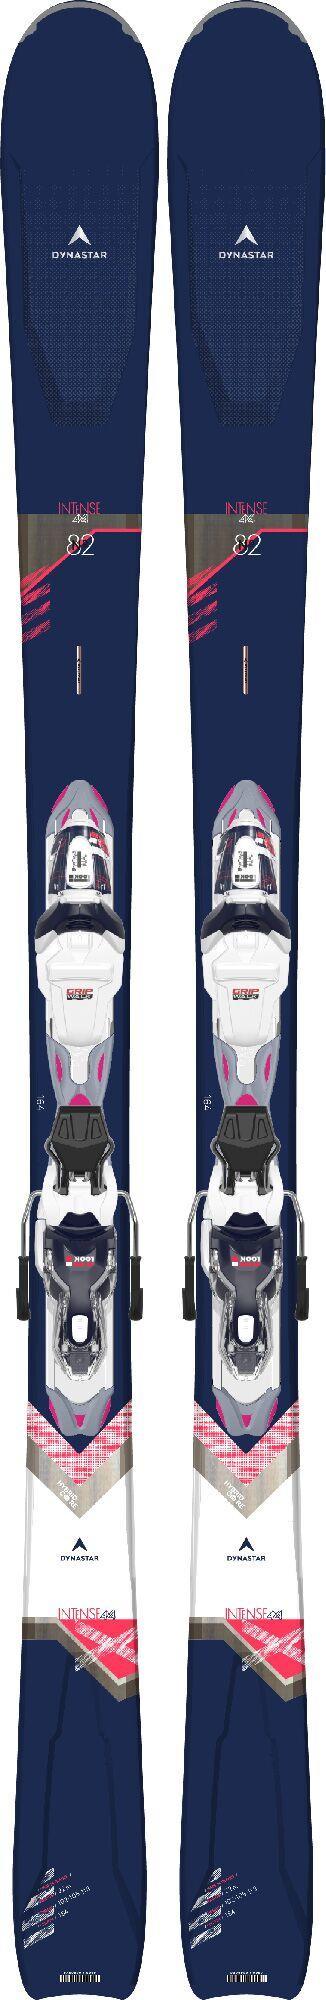 Dynastar Intense 4x4 82 Wmns Ski + Xpress W 11 Binding 2019